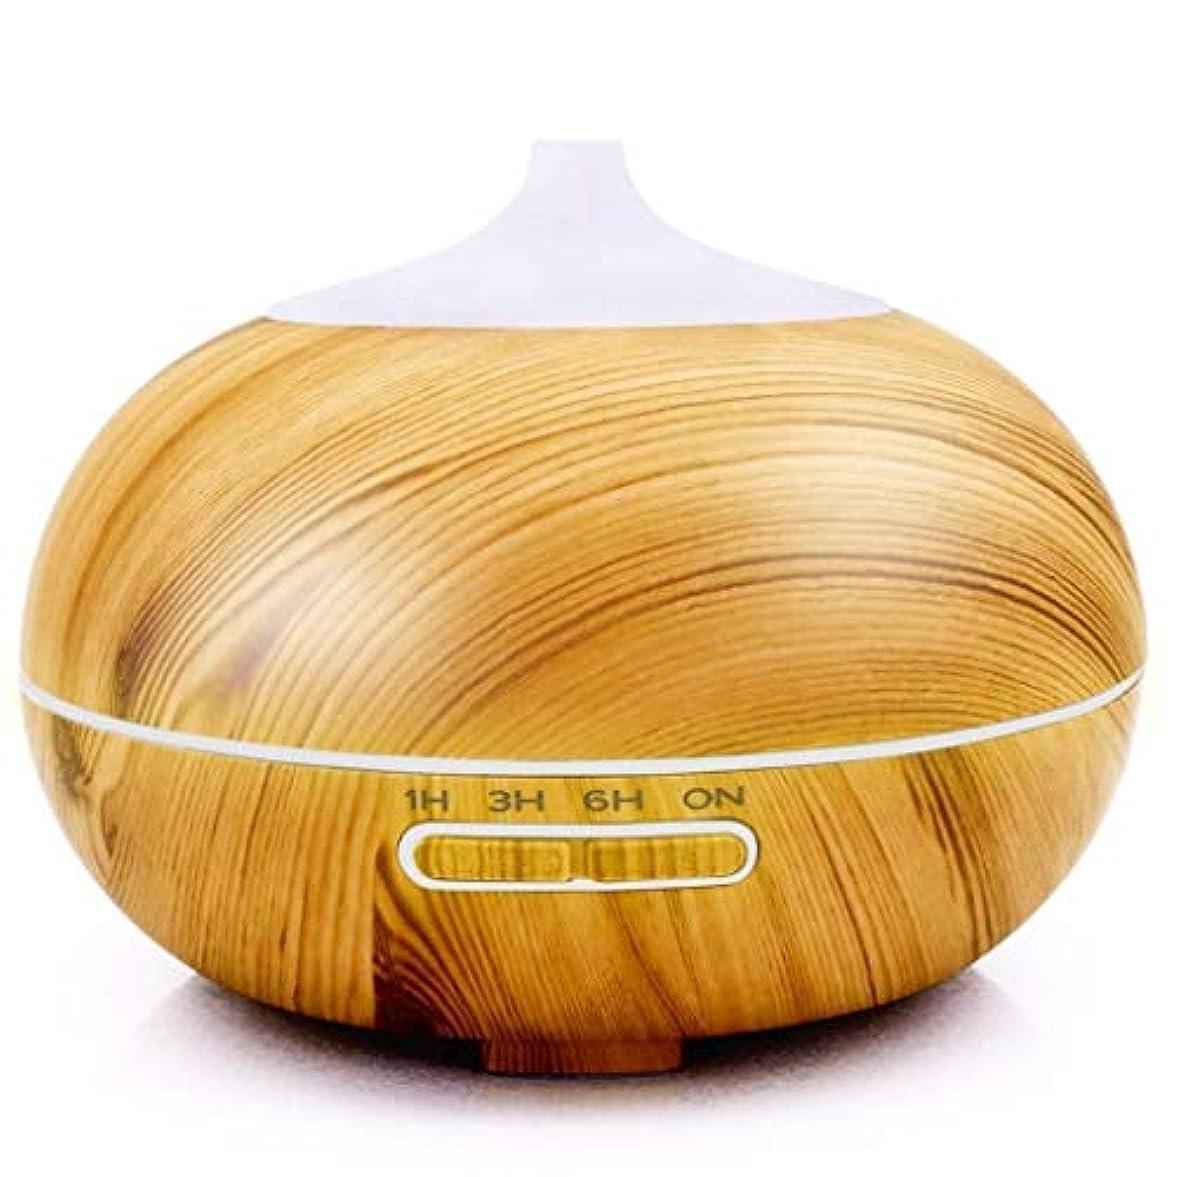 叫び声称賛変位300ミリリットルエッセンシャルオイルディフューザーアロマディフューザー木材穀物アロマディフューザーで7色ledライトウォーターレス自動シャットオフ用ホームオフィスヨガ (Color : Light Wood Grain)